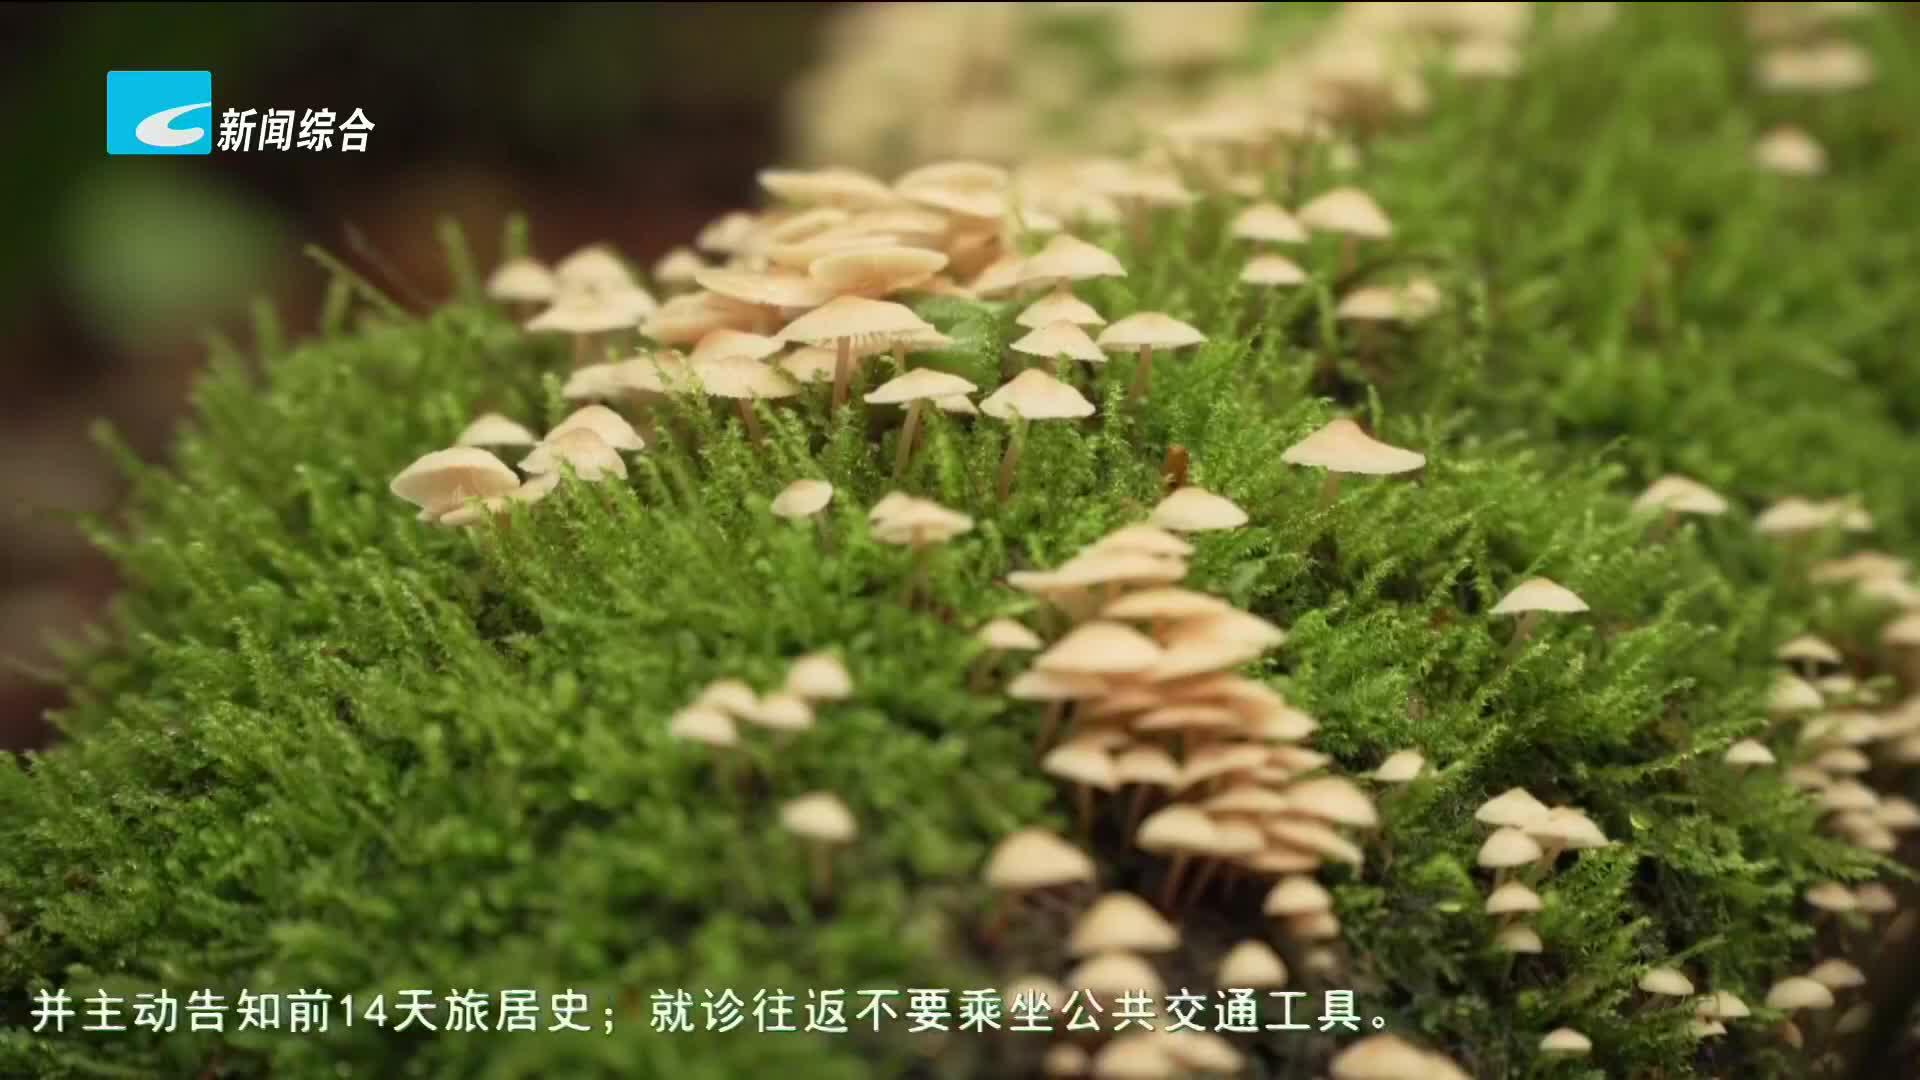 百山祖国家公园发现全球大型真菌新物种